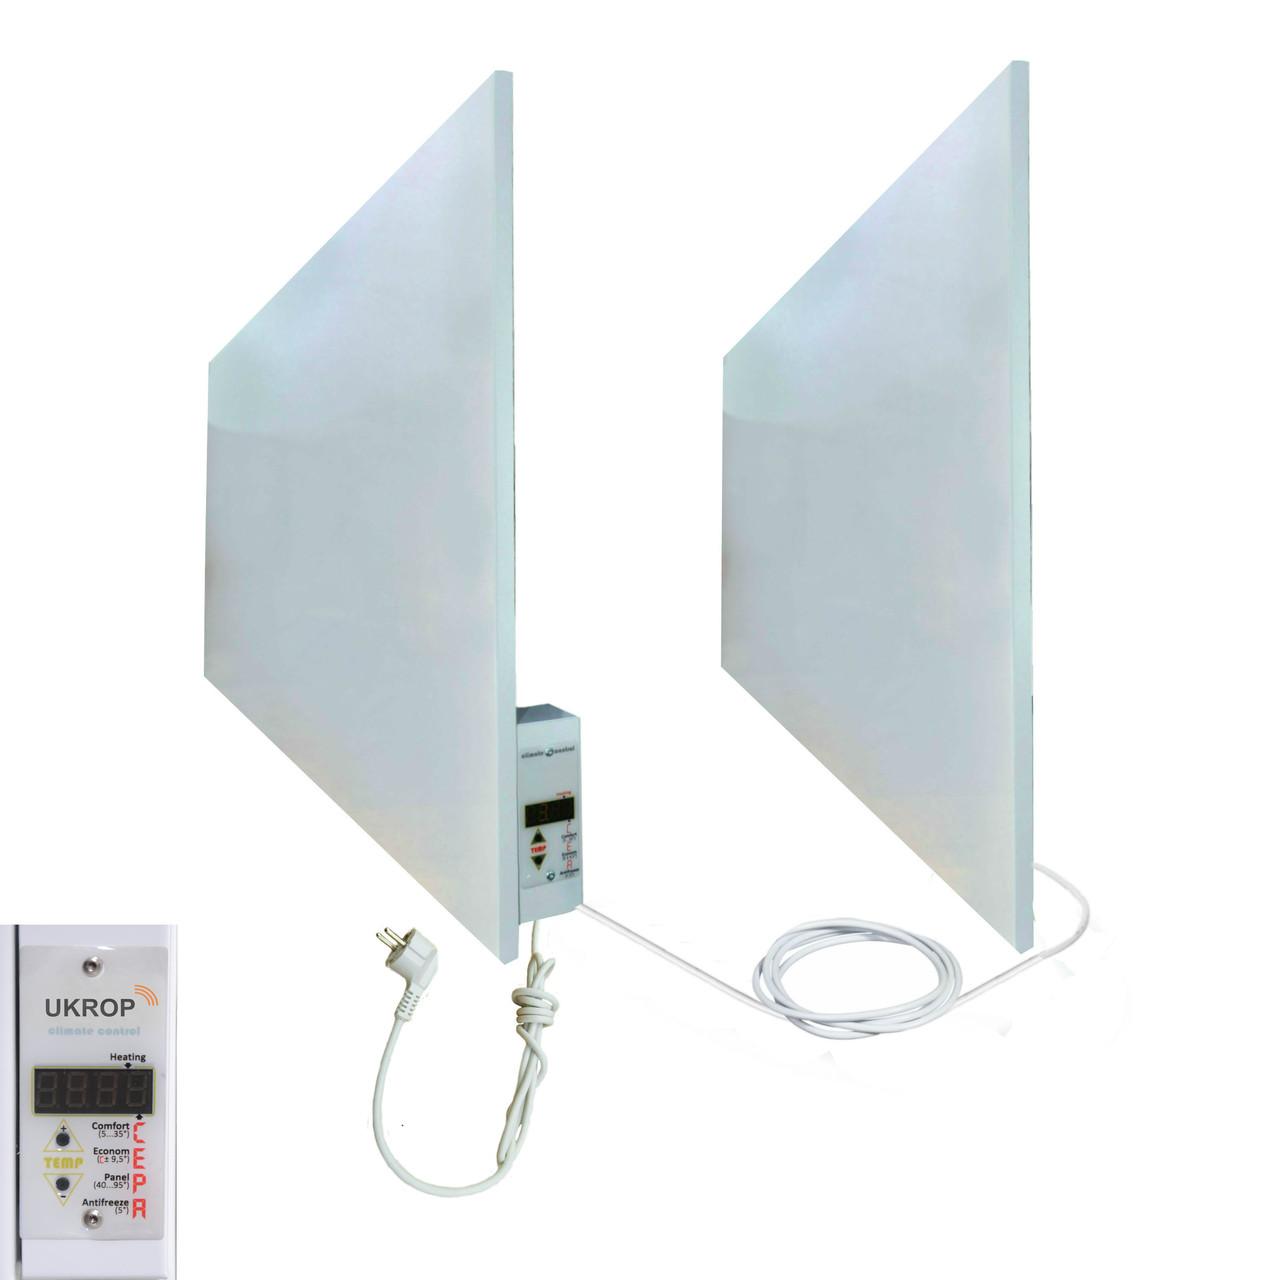 КРІП МЕТАЛІК 1000ВТ інфрачервона панель - обігрівач з терморегулятором (комплект)